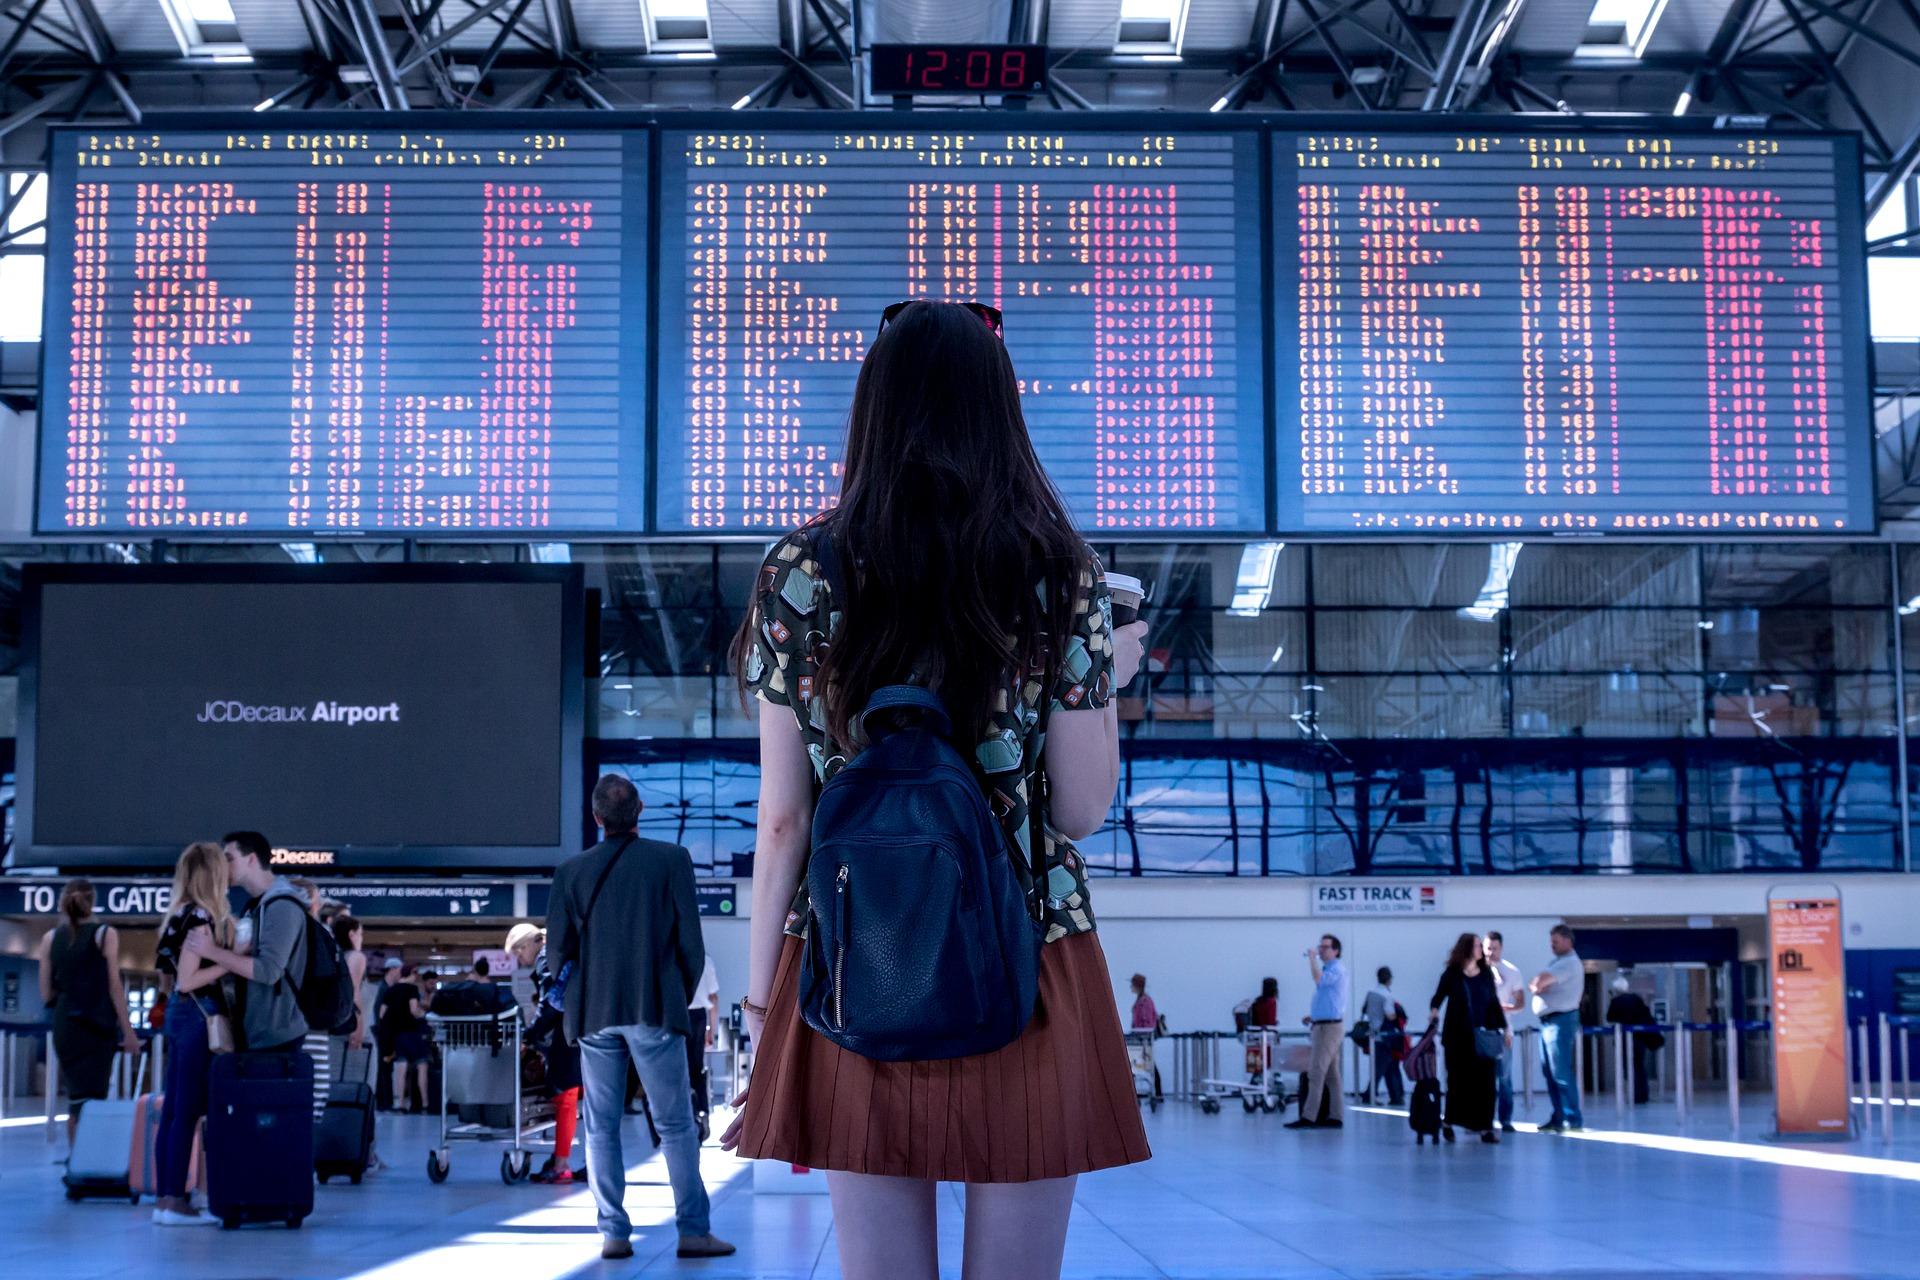 Tauchlampe im Flugzeug mitnehmen - ein kniffliger Start in den Urlaub